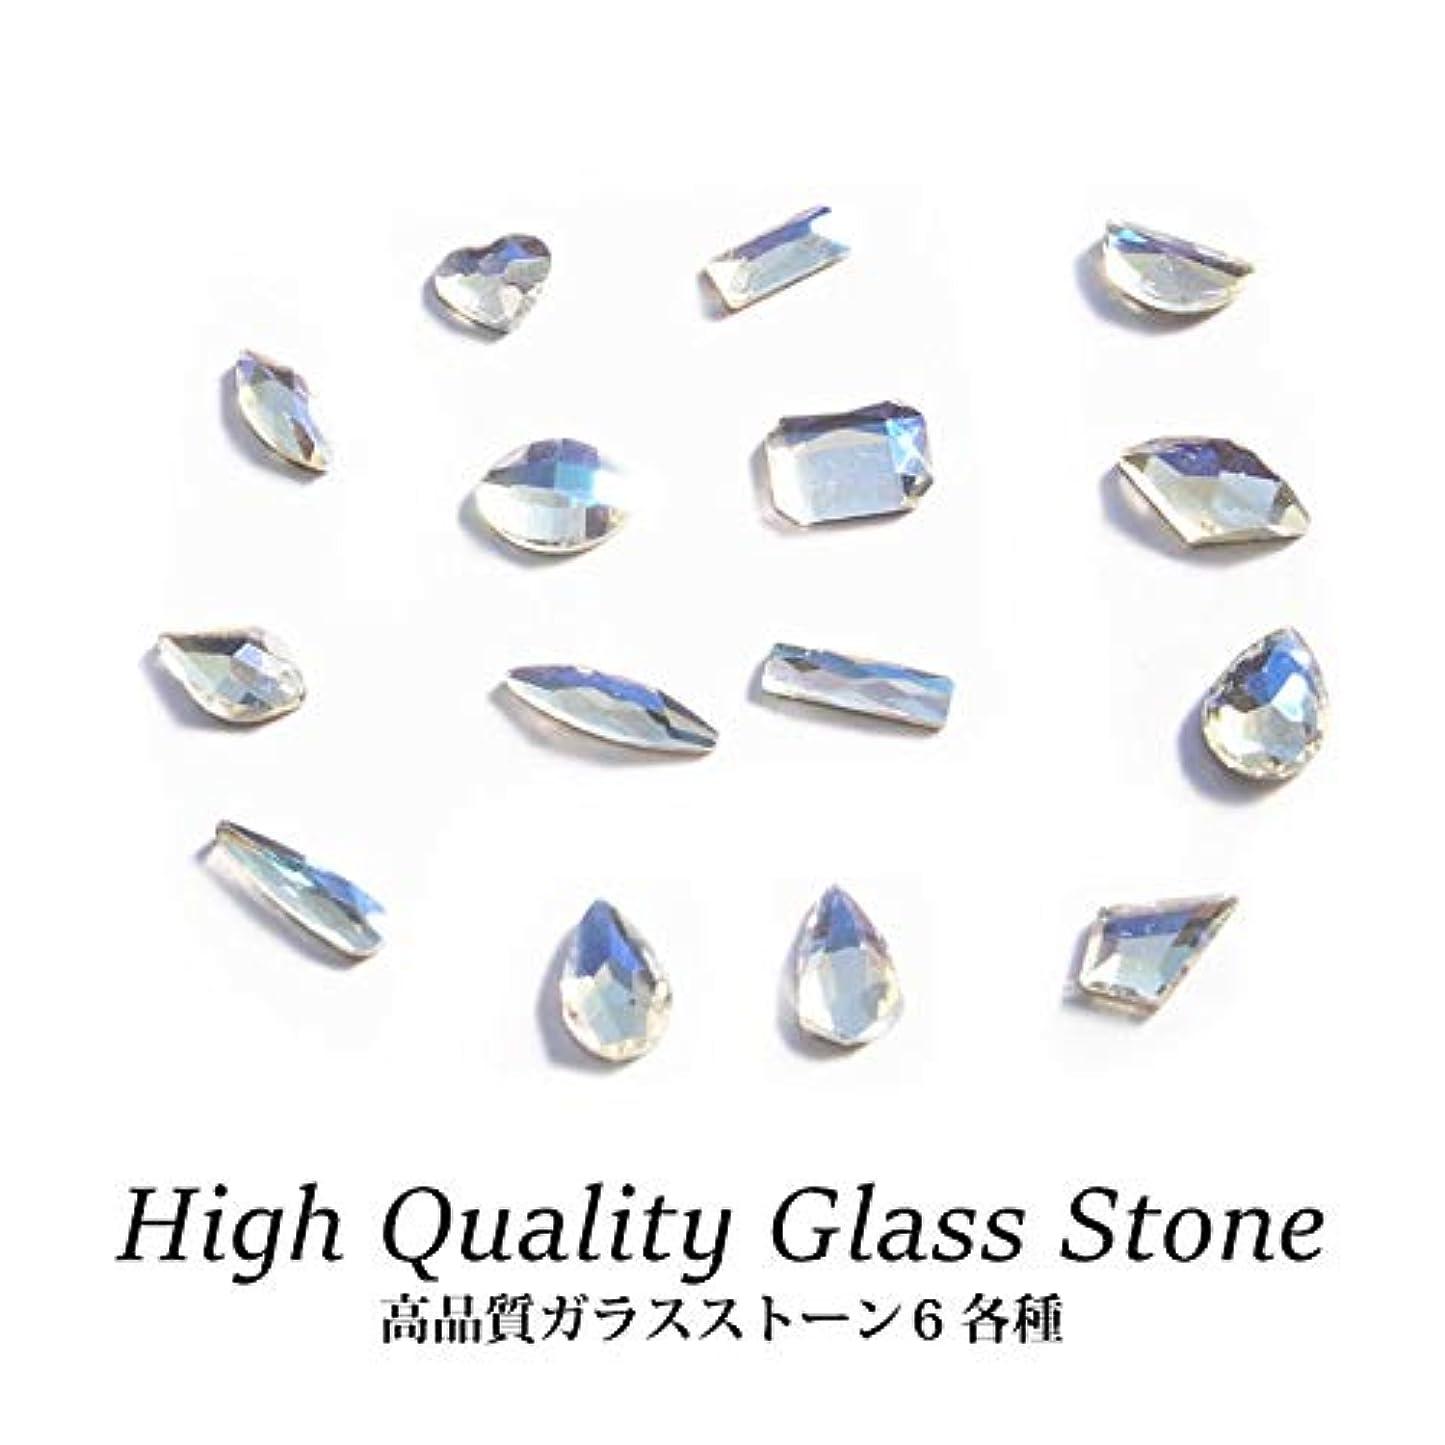 最も遠い暖かさ櫛ブルームーンカラーが魅惑的なクリスタルストーン! 高品質 ガラスストーン 6 各種 5個入り (1.ショートレクタングル 3×7mm)